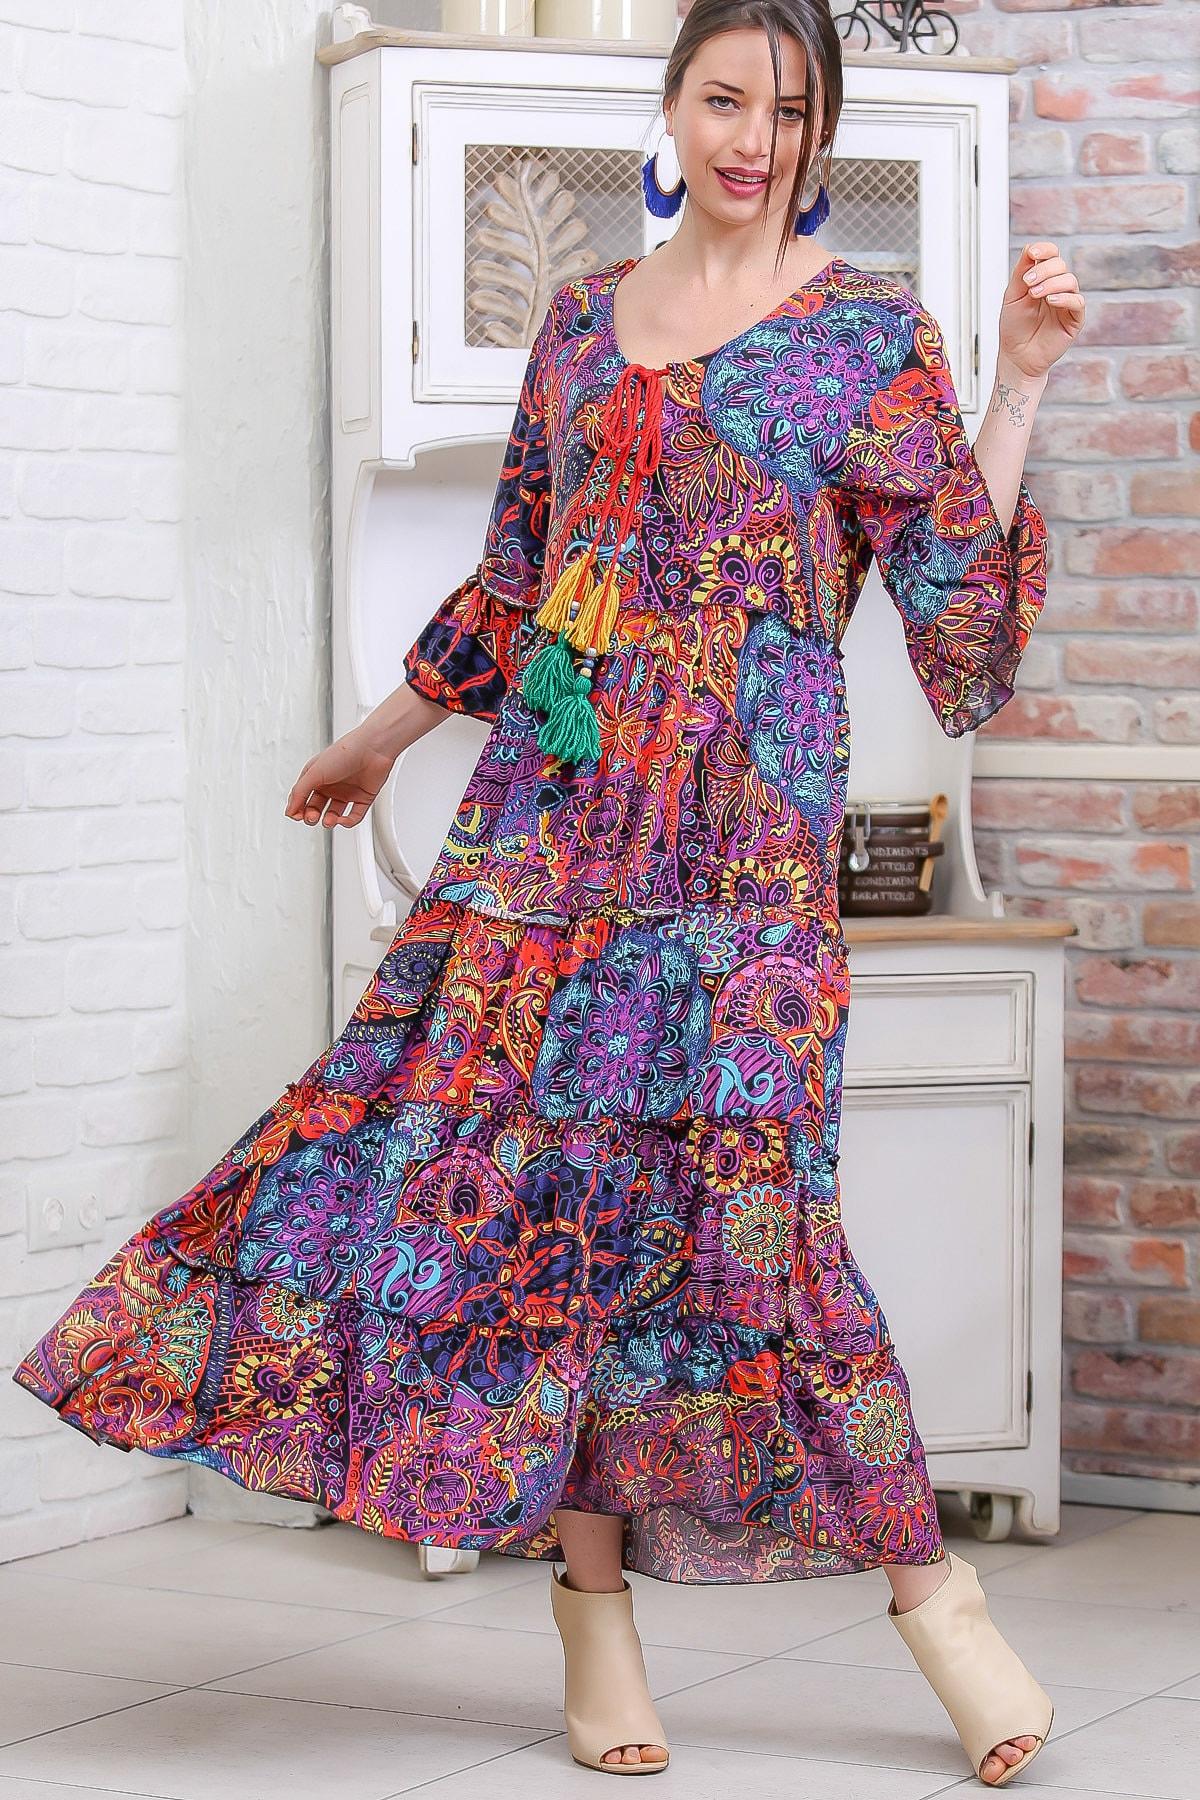 Chiccy Kadın Mor Bohem Tribal Desenli El İşi Püskül Detaylı Salaş Elbise M10160000EL96973